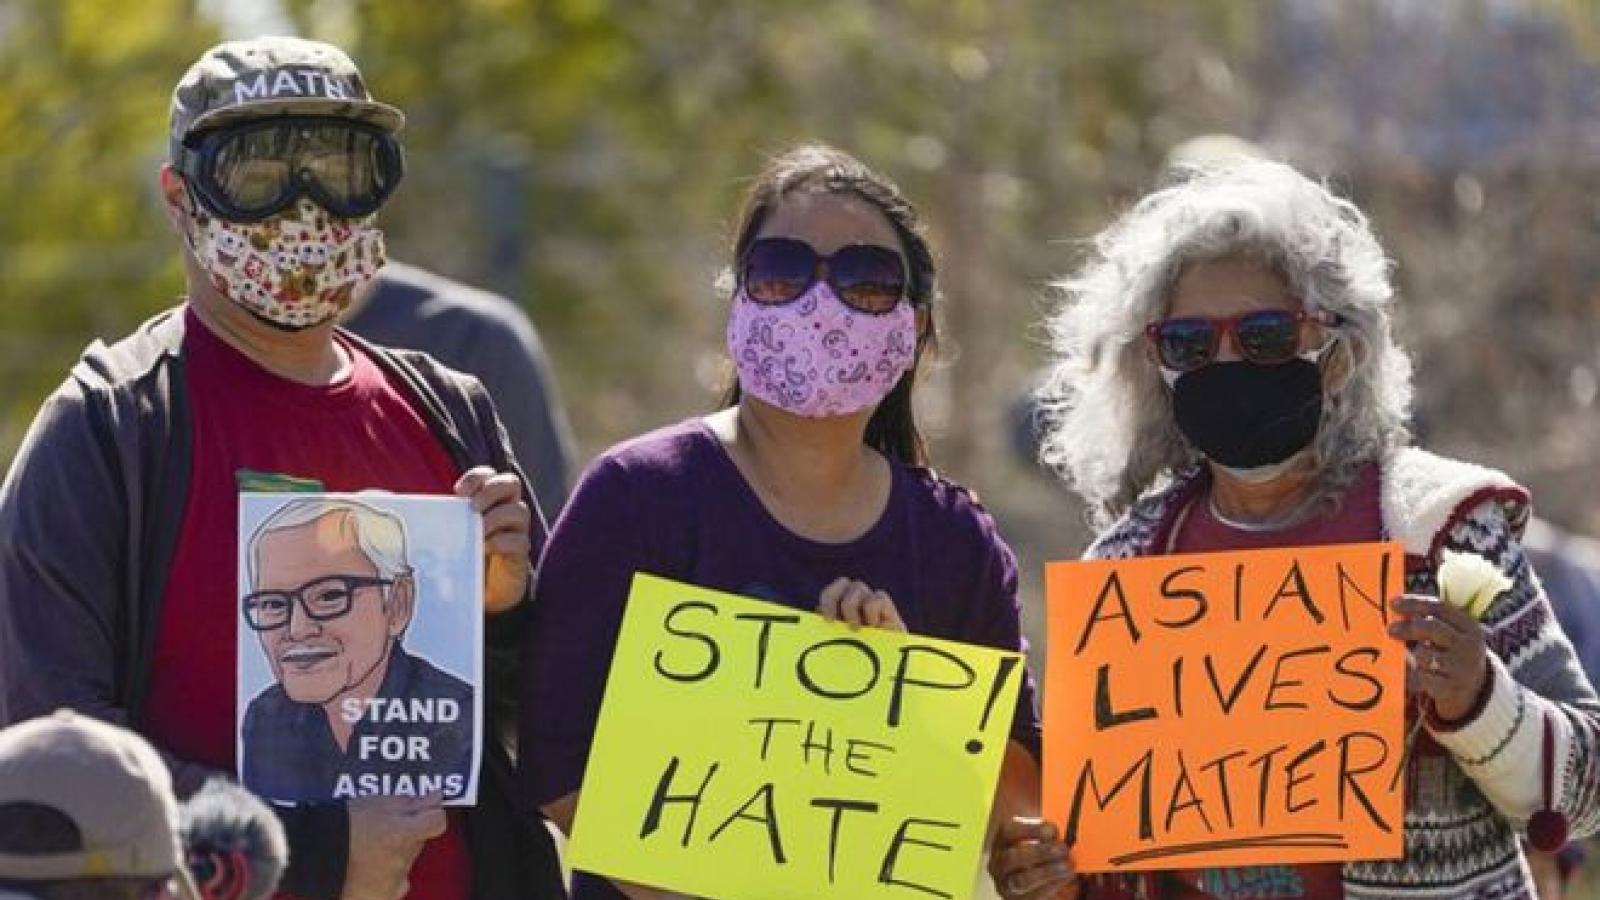 Vụ xả súng vào tiệm spa ở Mỹ: Phụ nữ gốc Á đang đối mặt mối đe dọa kép giữa đại dịch